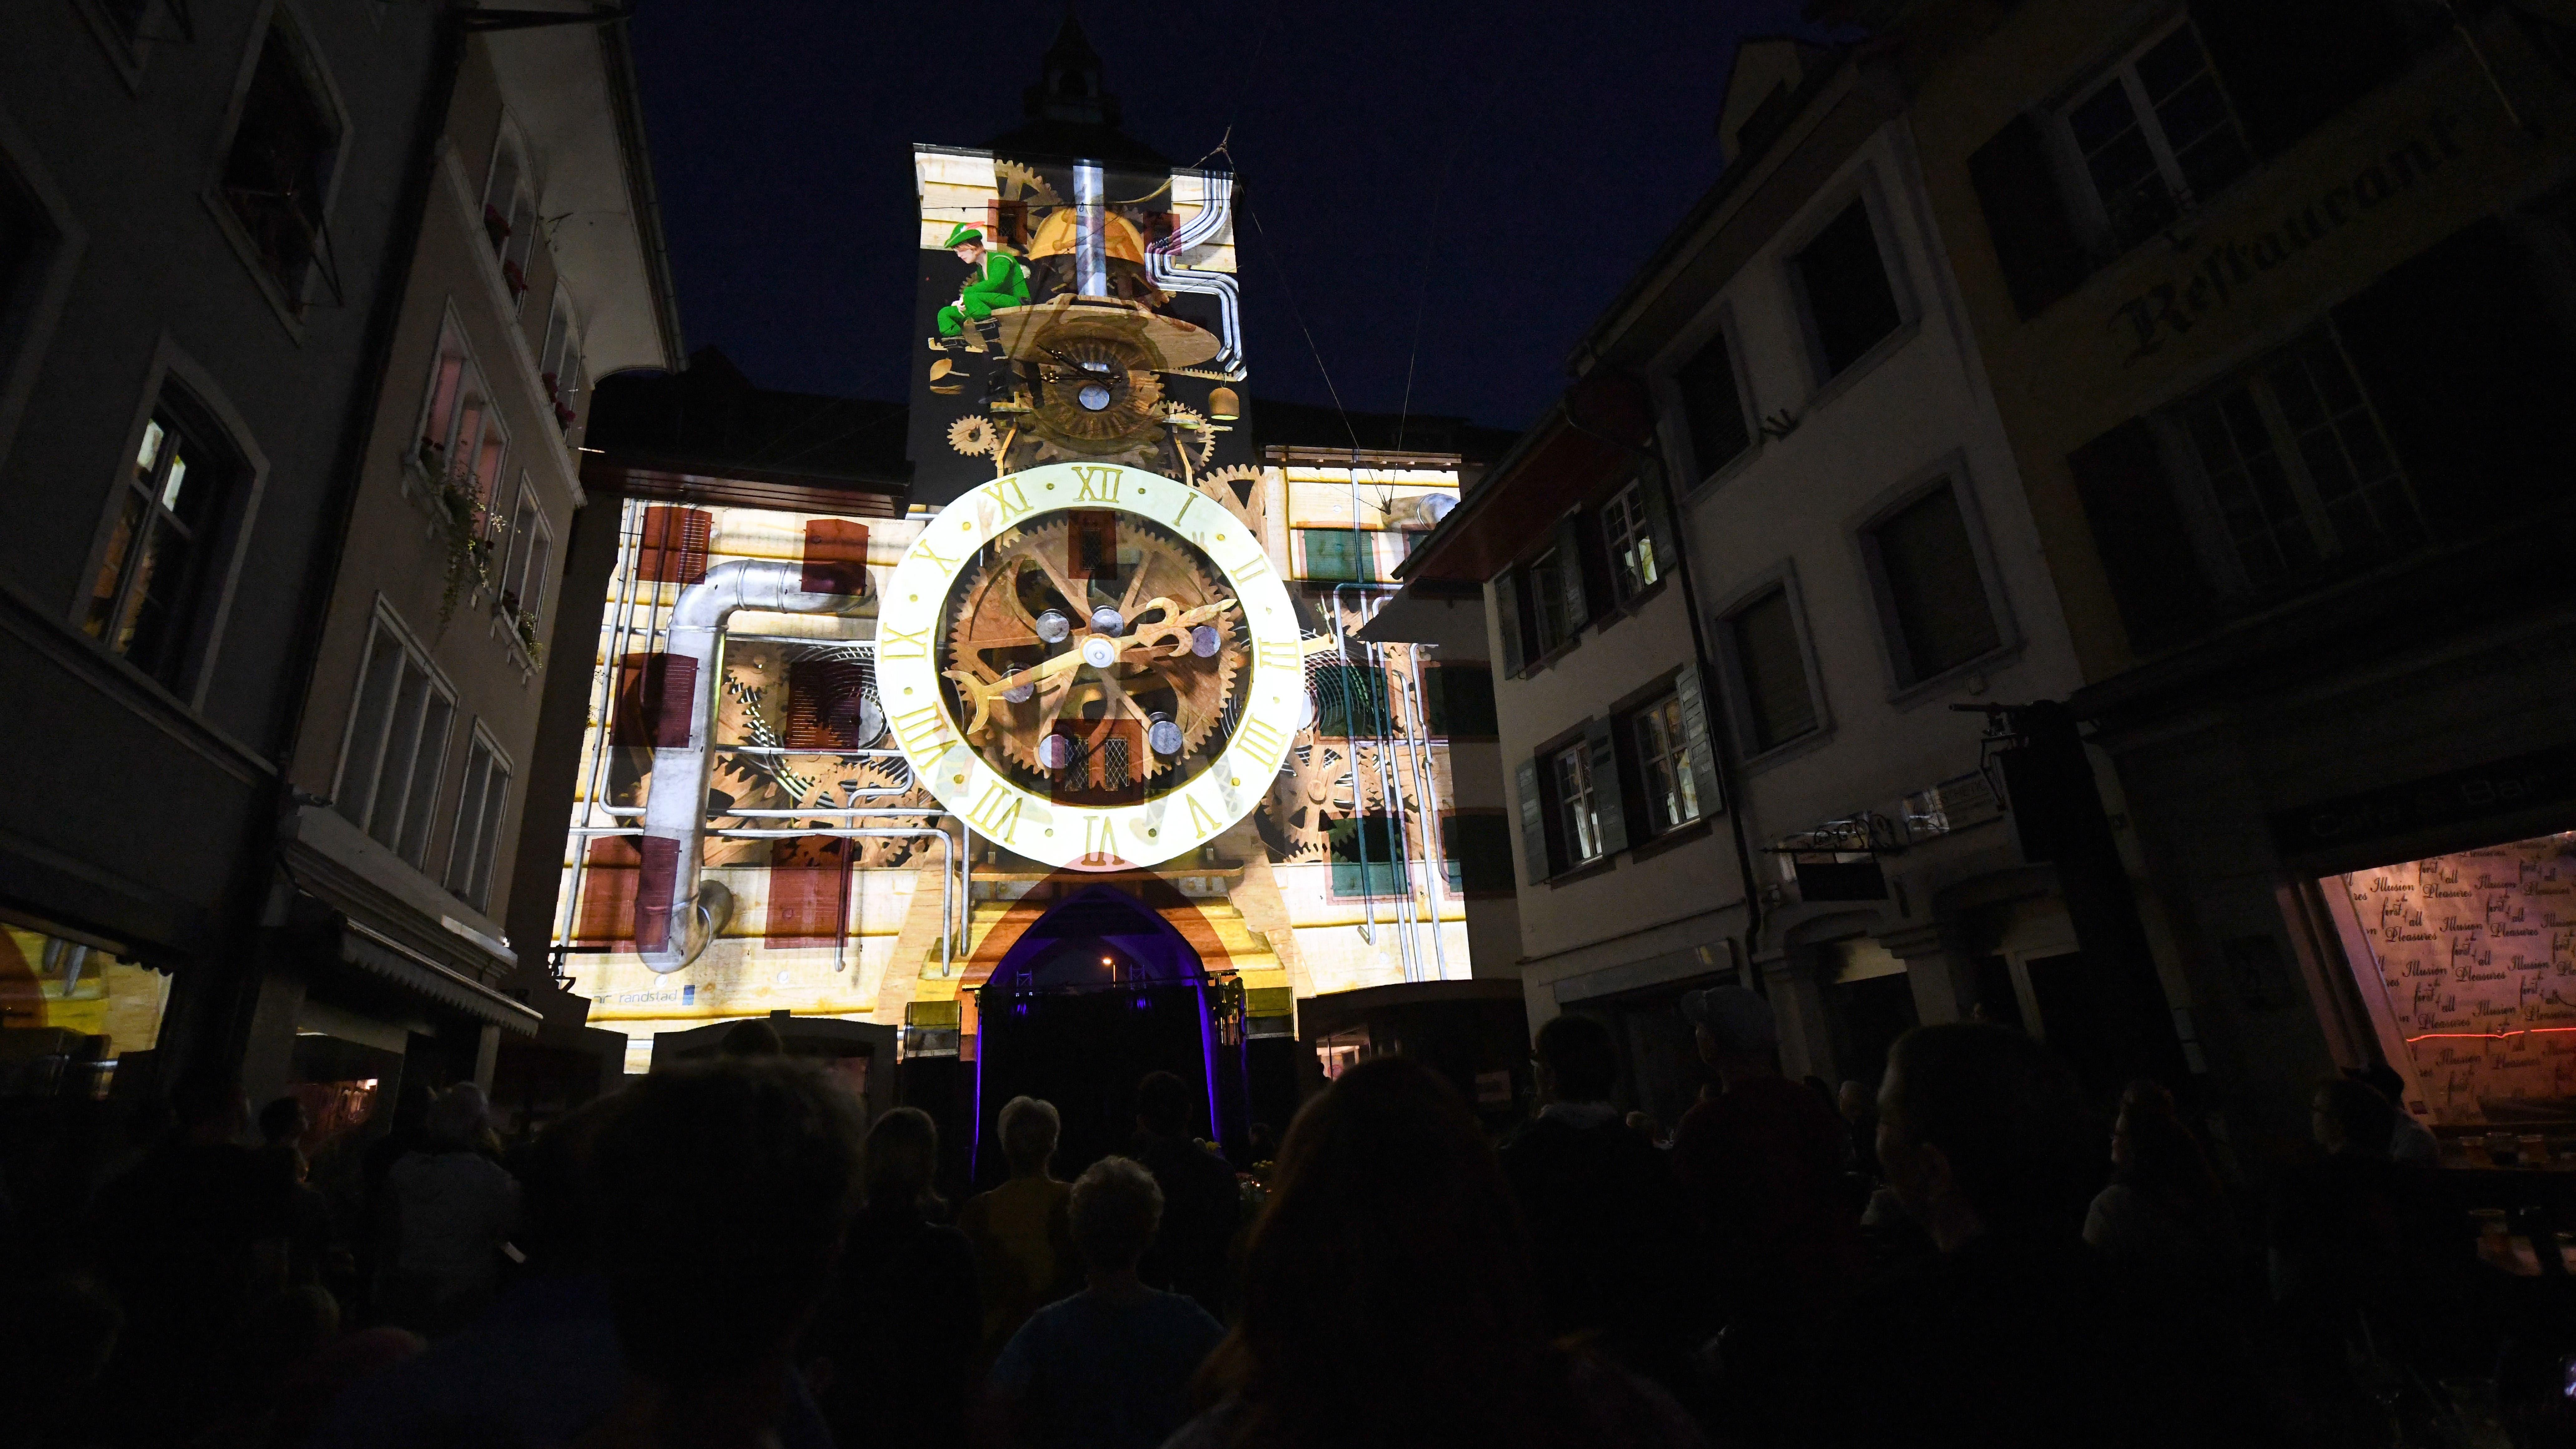 Hier wurde eine grosse Uhr auf das Törli projektiert.